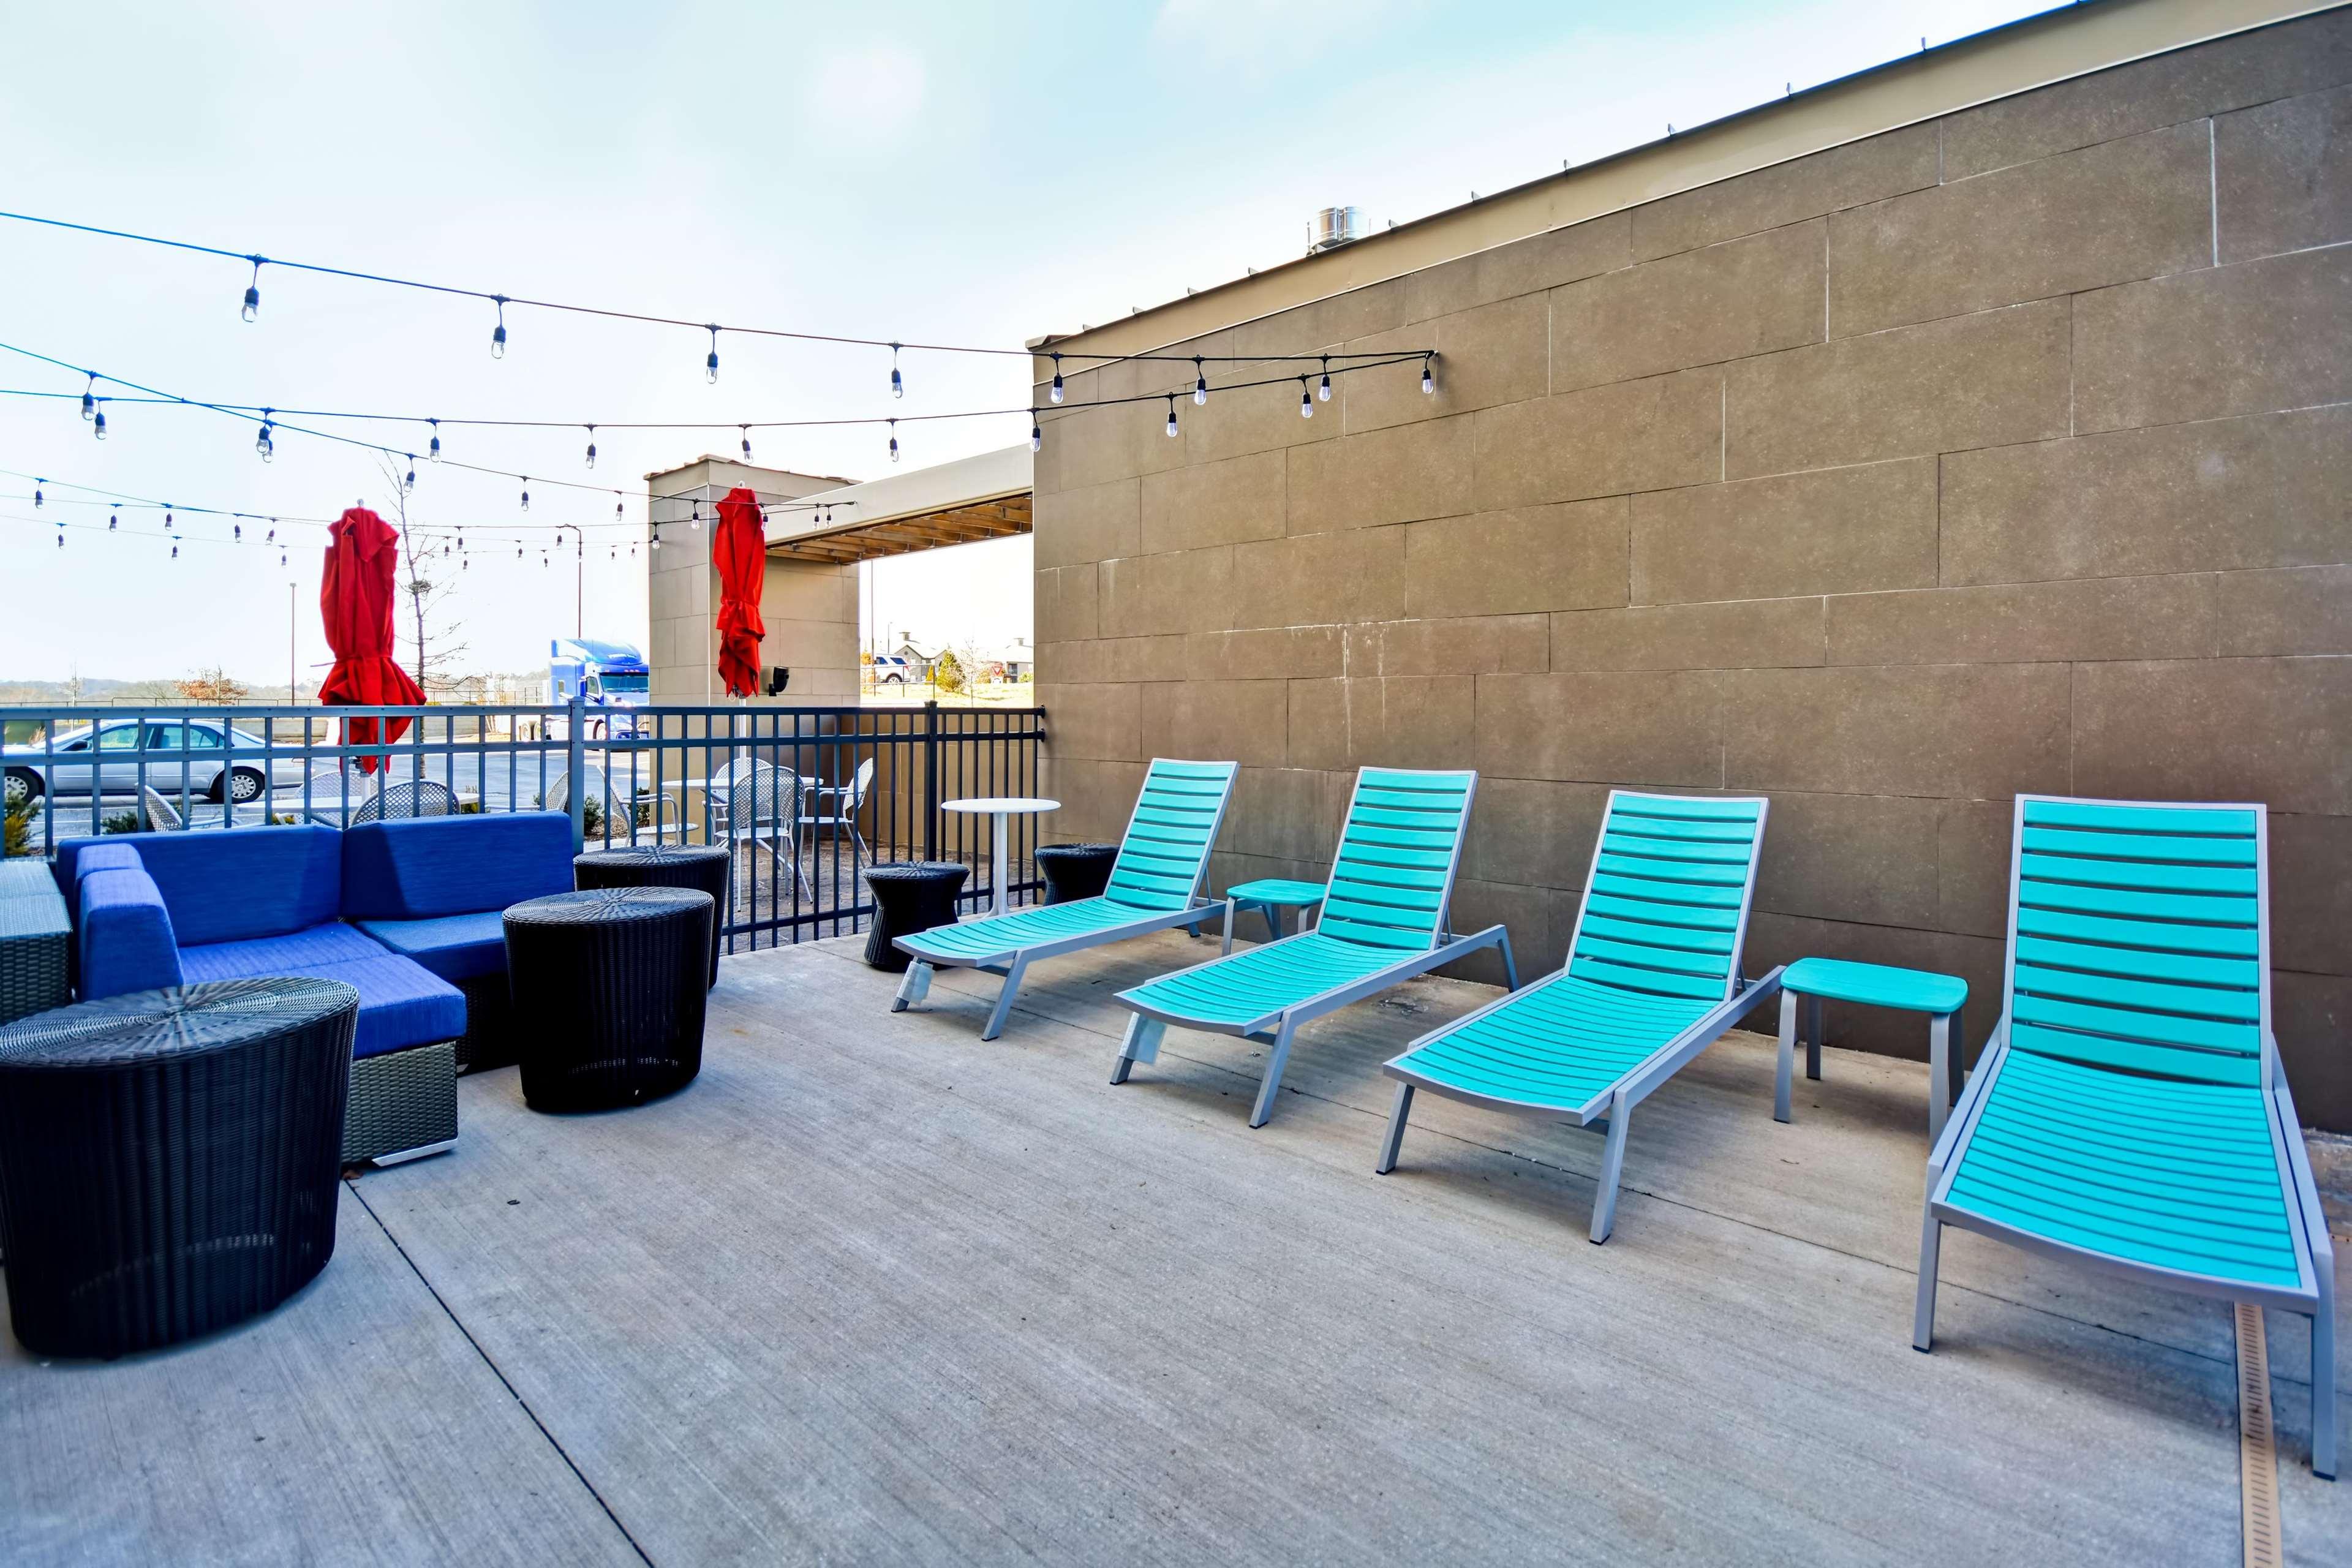 Home2 Suites by Hilton Smyrna Nashville image 15